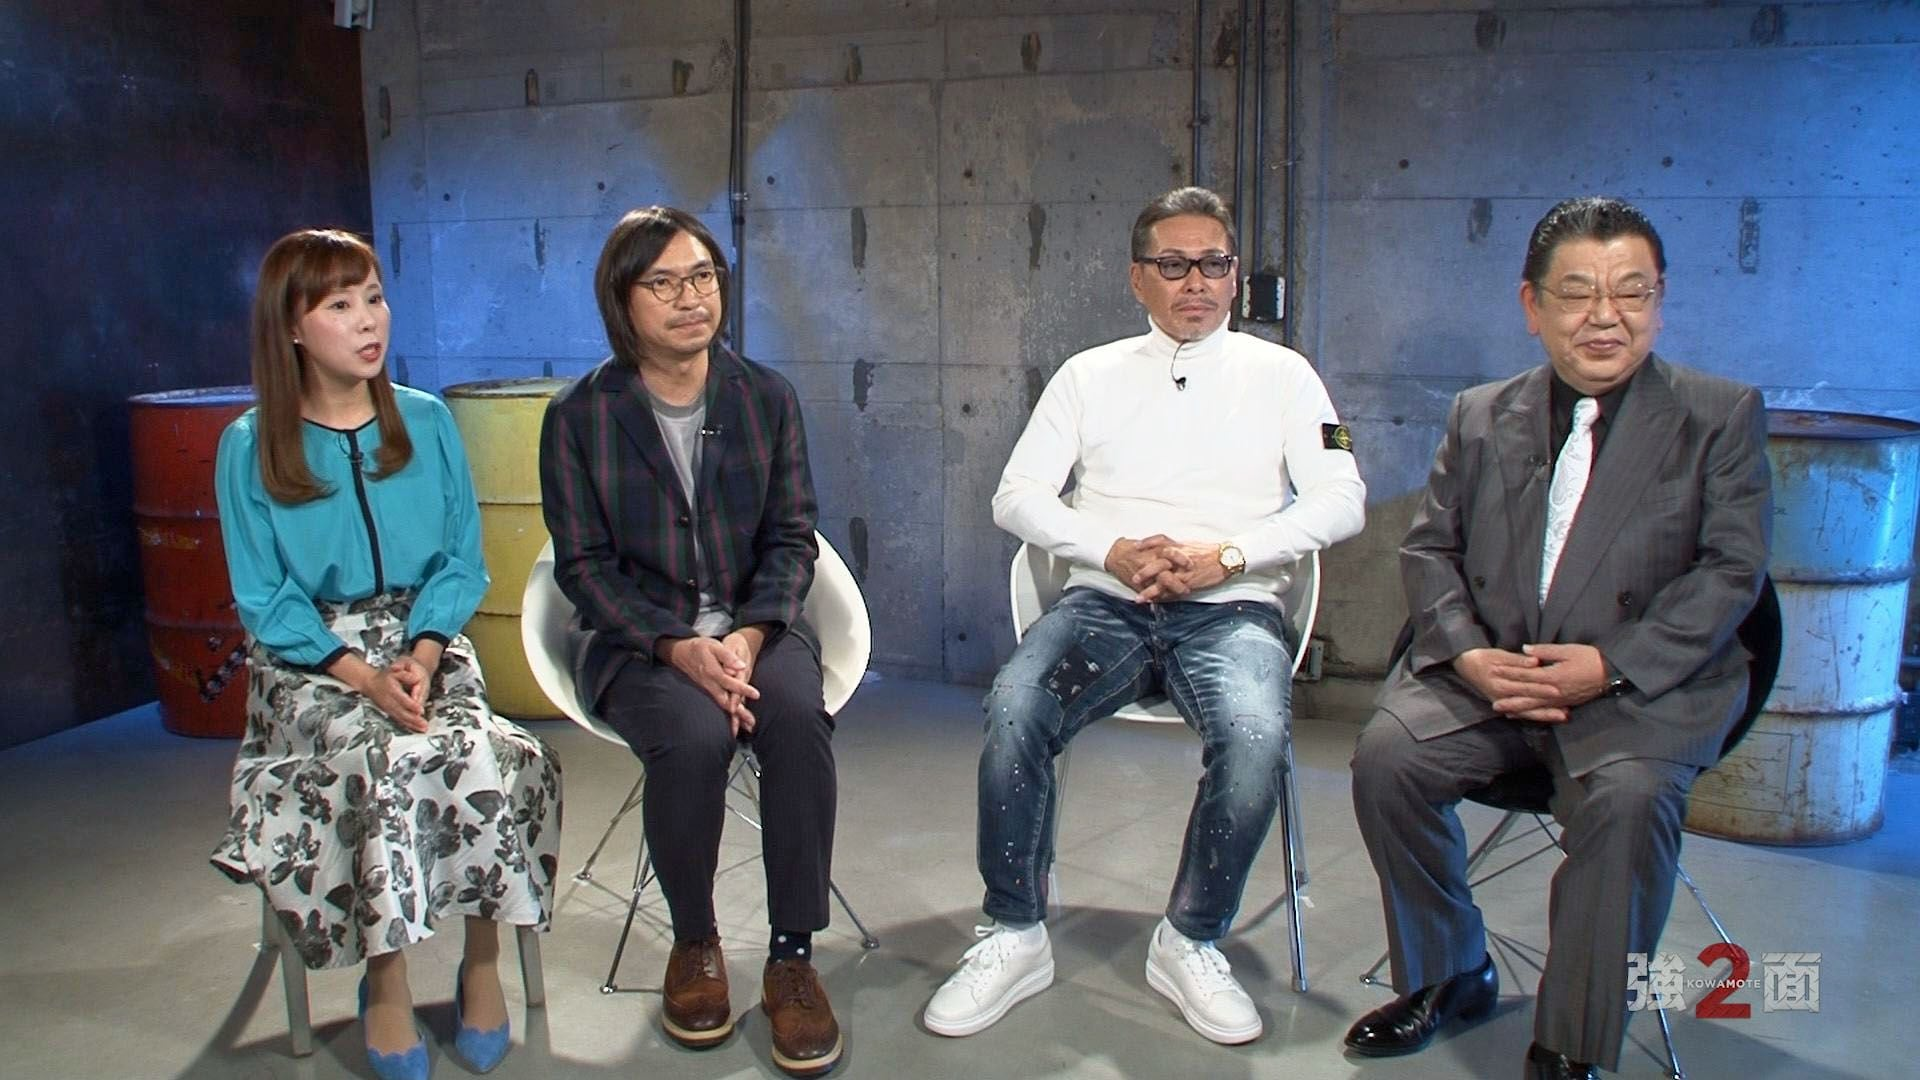 チカーノになった日本人・KEI氏にふかわりょう「音声にモザイクを…」CS映画chで『強KOWAMOTE面2』放送決定の画像003